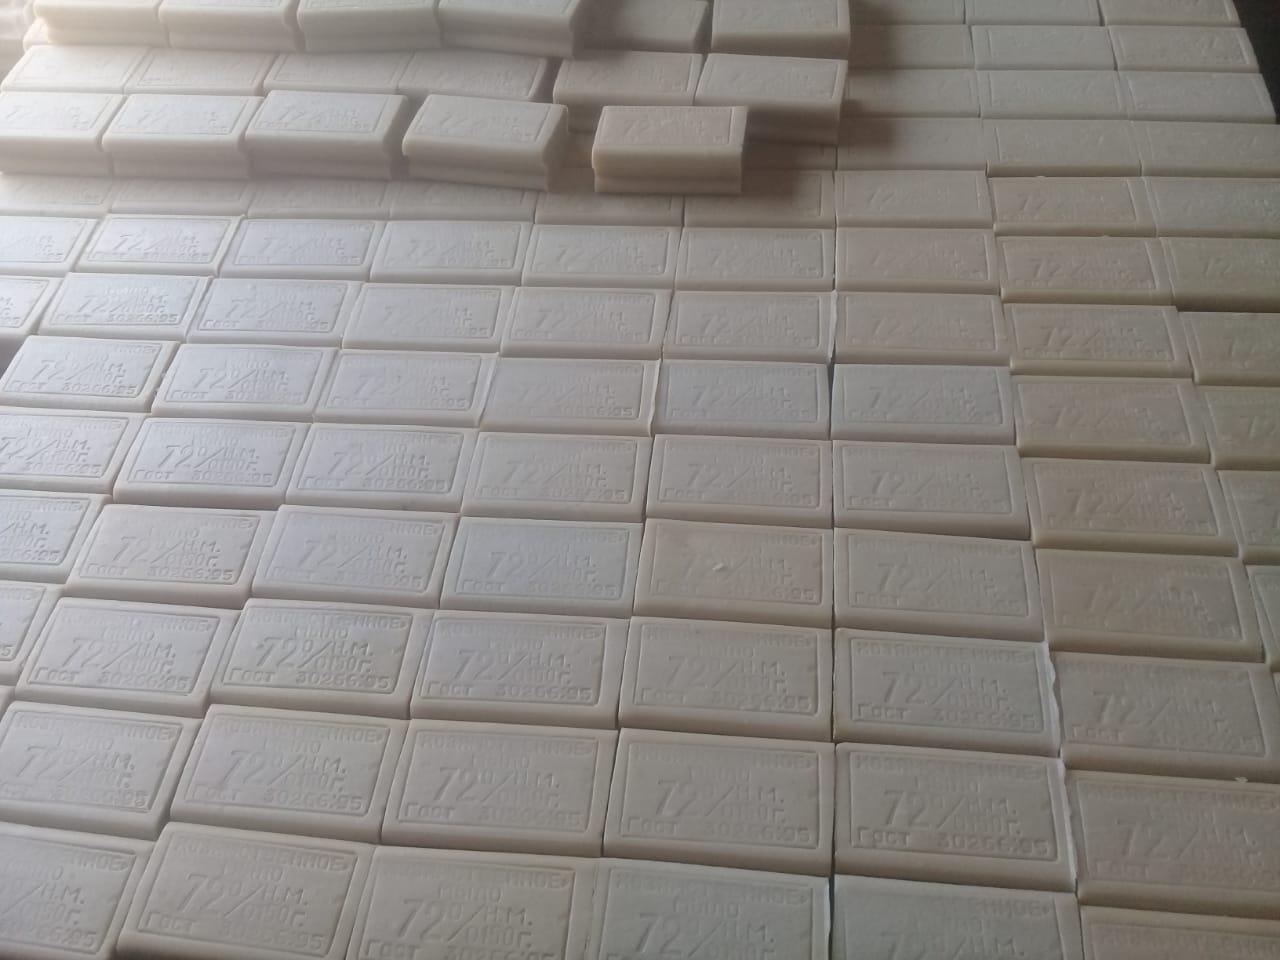 ТҮРКІСТАН: Жетісайда айына 3 тонна сабын шағаратын цех іске қосылды